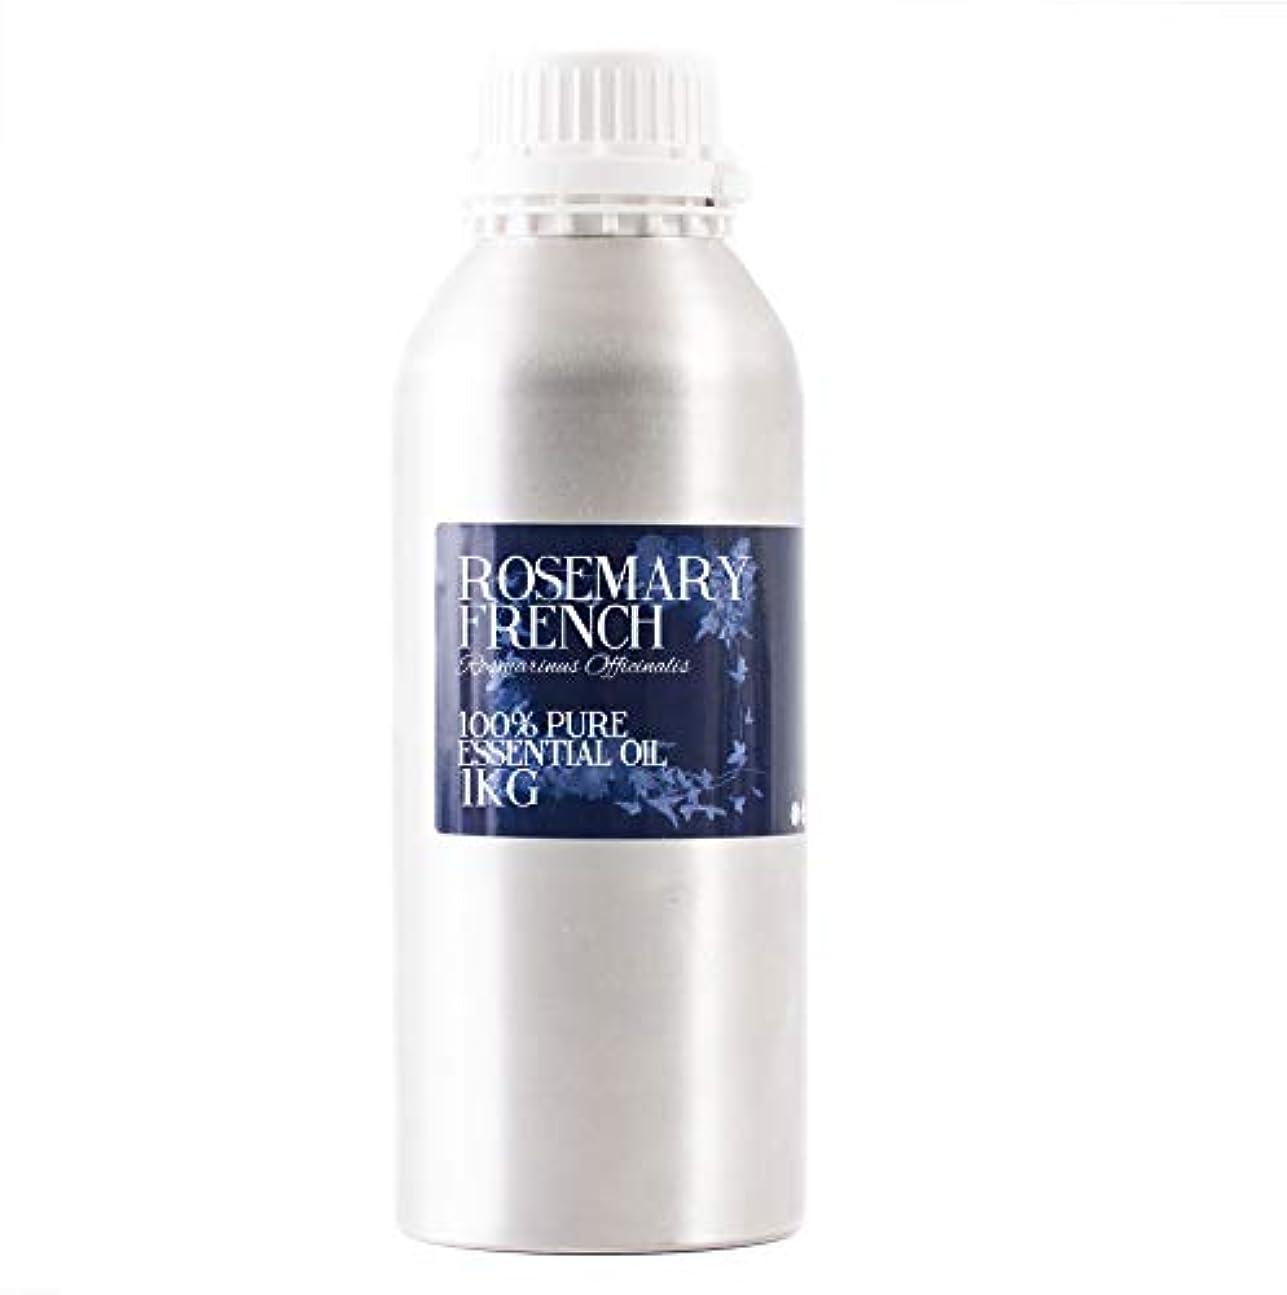 バトル究極のずるいMystic Moments | Rosemary French Essential Oil - 1Kg - 100% Pure